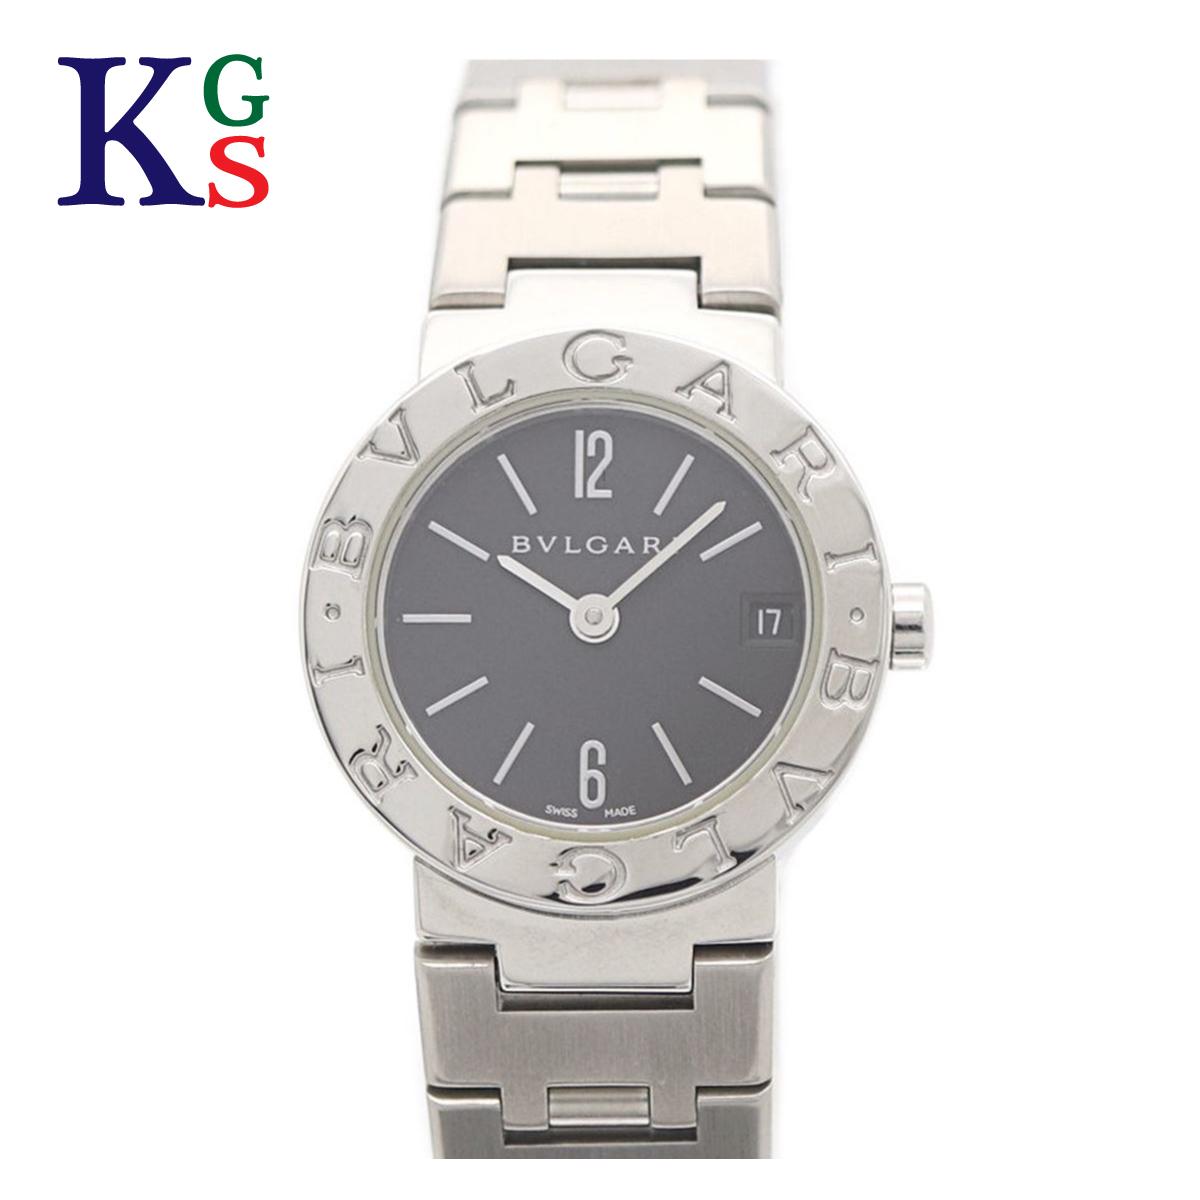 【ギフトランク】ブルガリ/BVLGARI レディース 腕時計 BVLGARI×BVLGARI 黒文字盤 ステンレススチール クオーツ BB23SS